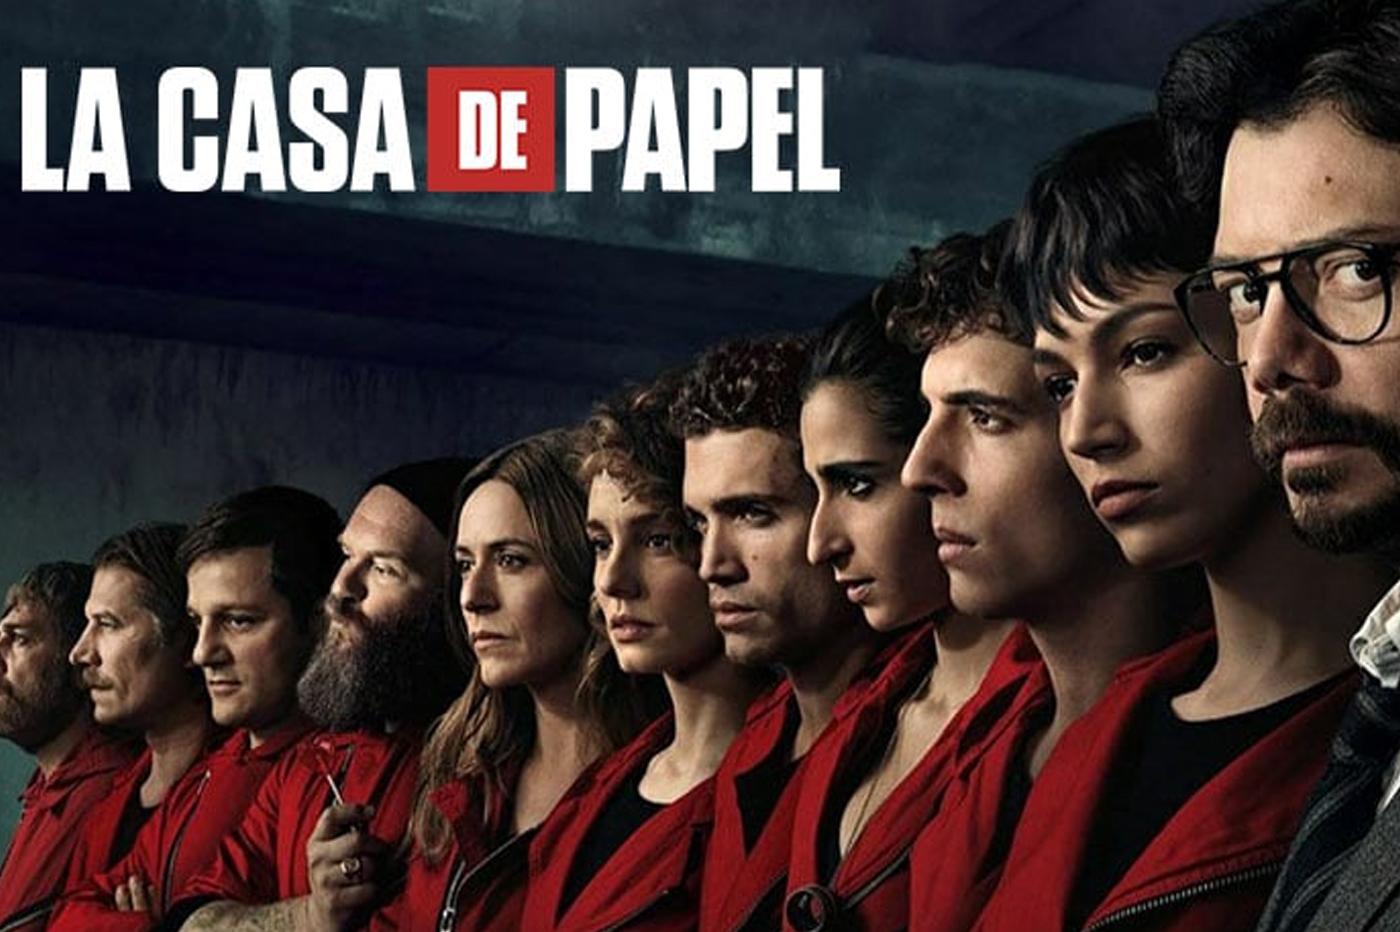 La Casa de Papel sur Netflix : on regarde ou on zappe ?